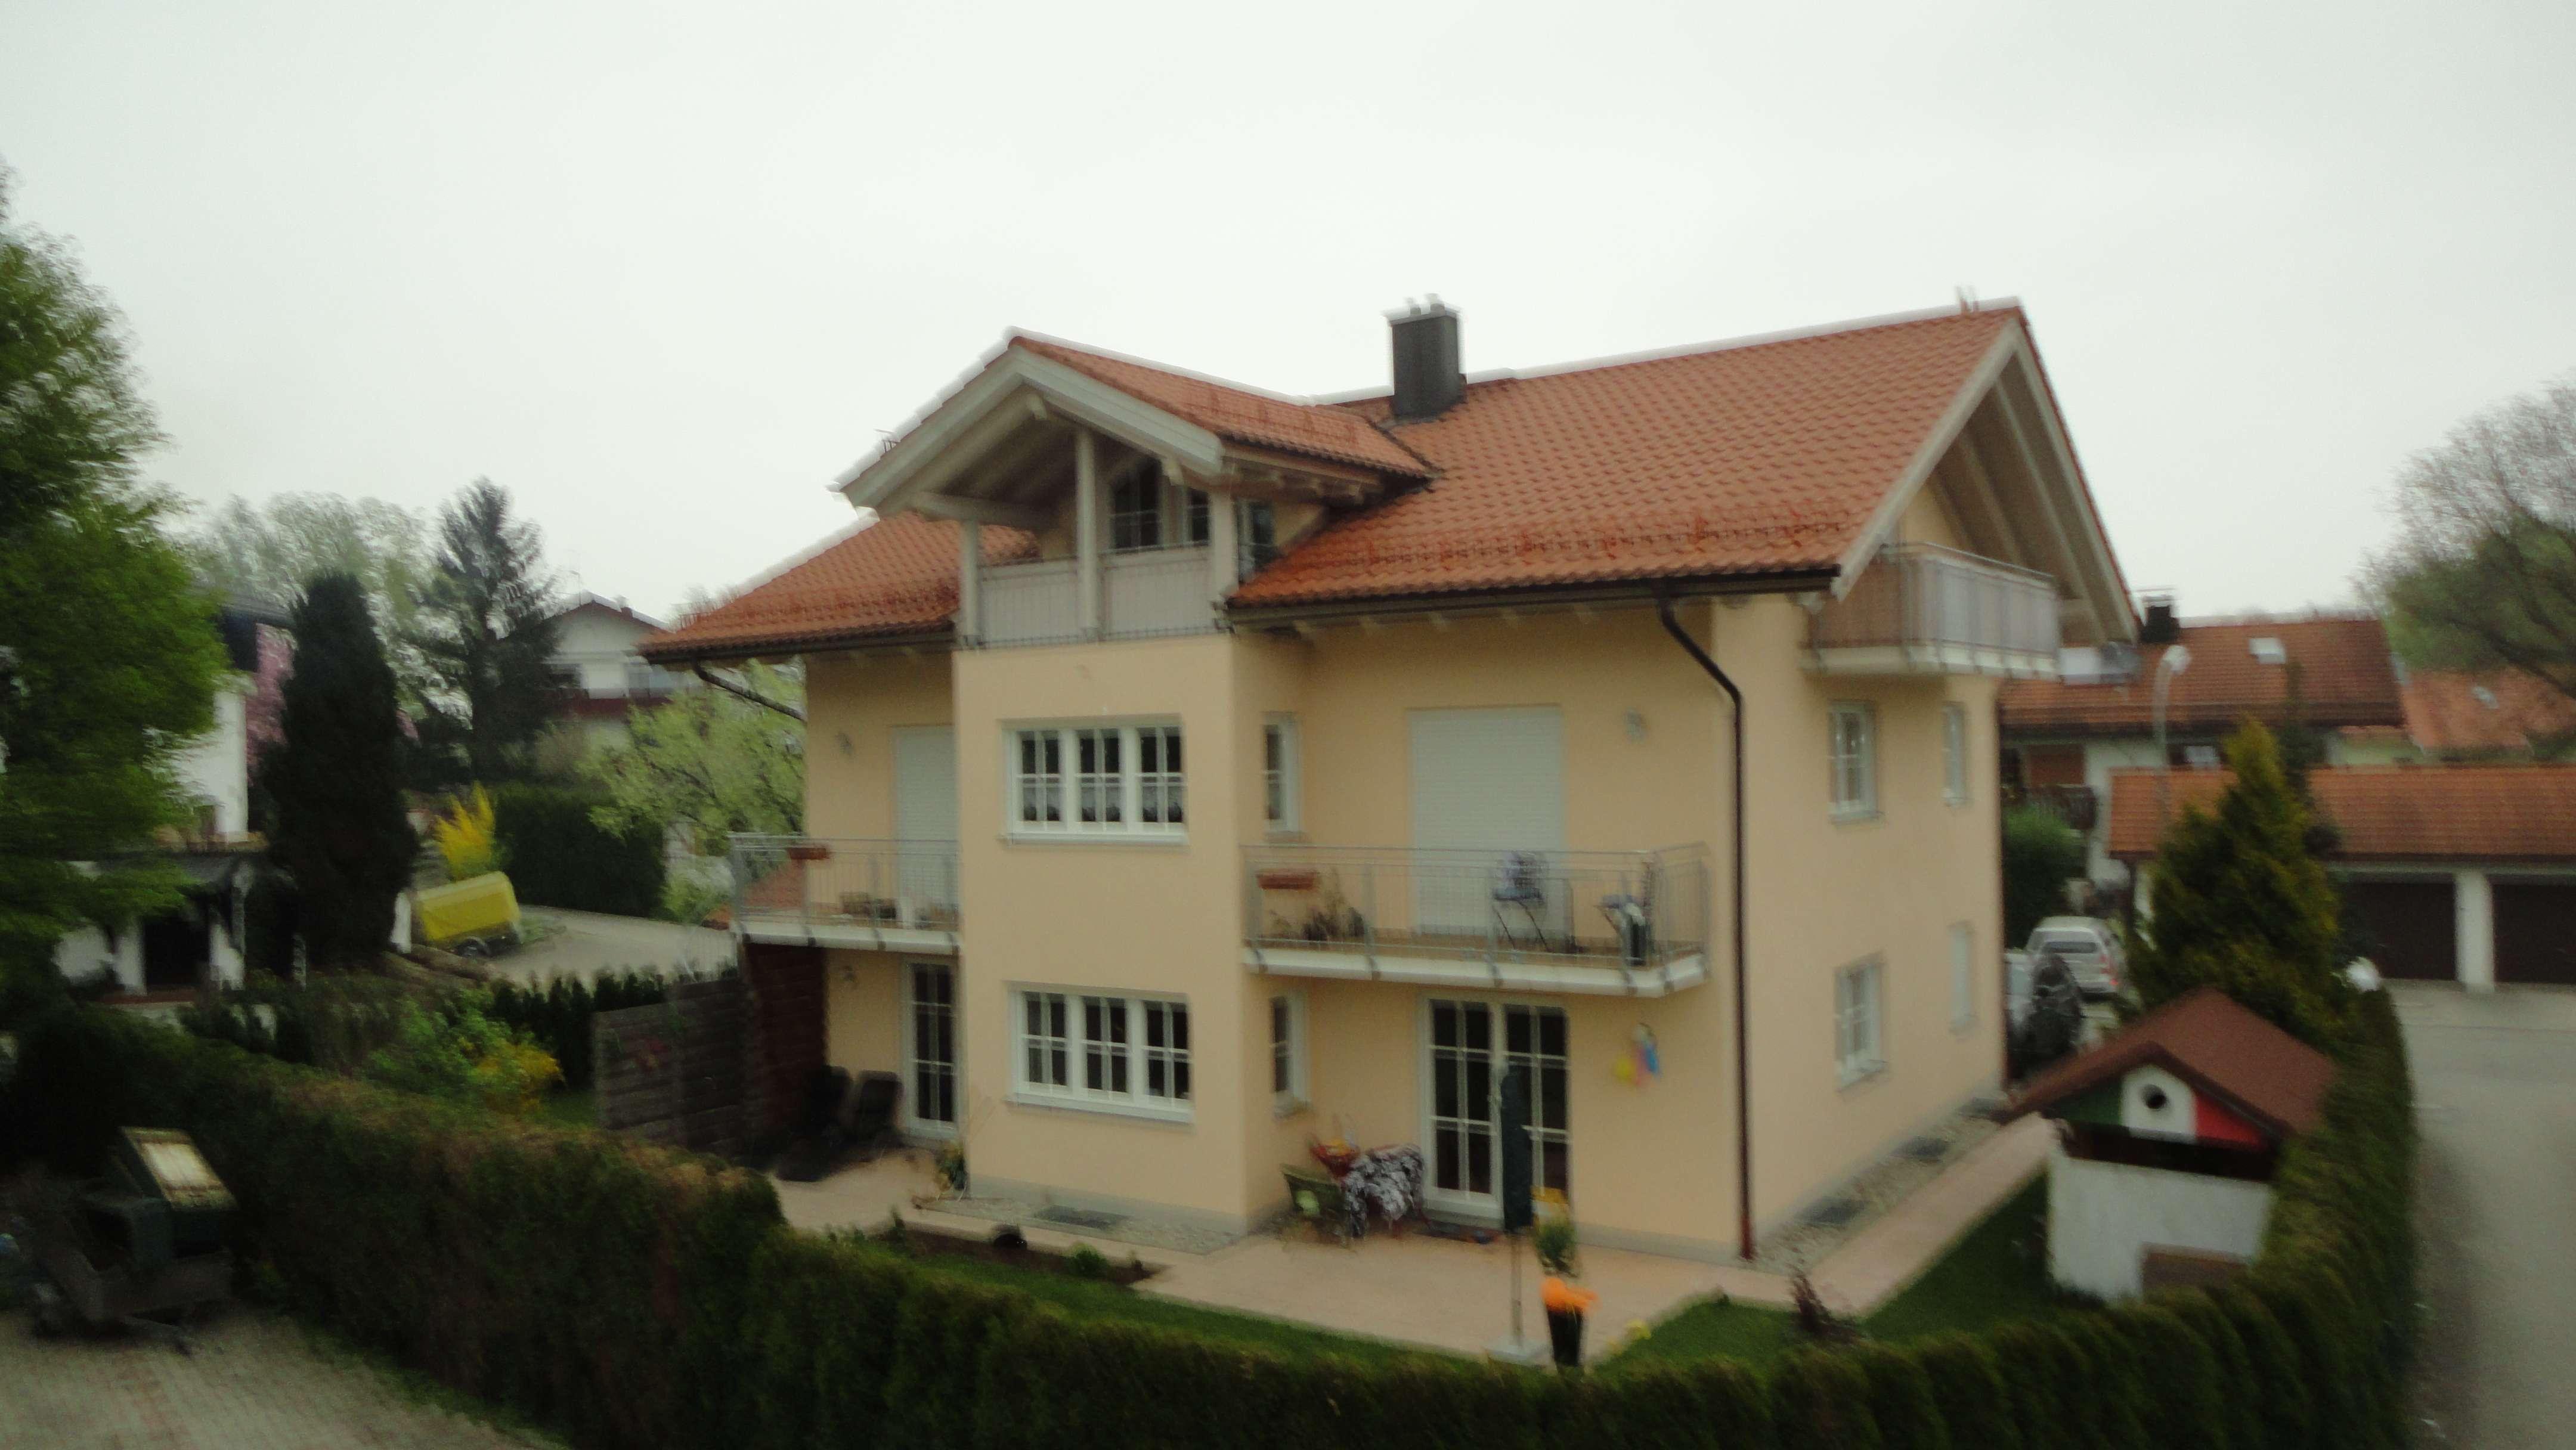 Hochwertige, helle 3-Zimmer-Wohnung mit Balkon und Gartenanteil in Brannenburg in Brannenburg